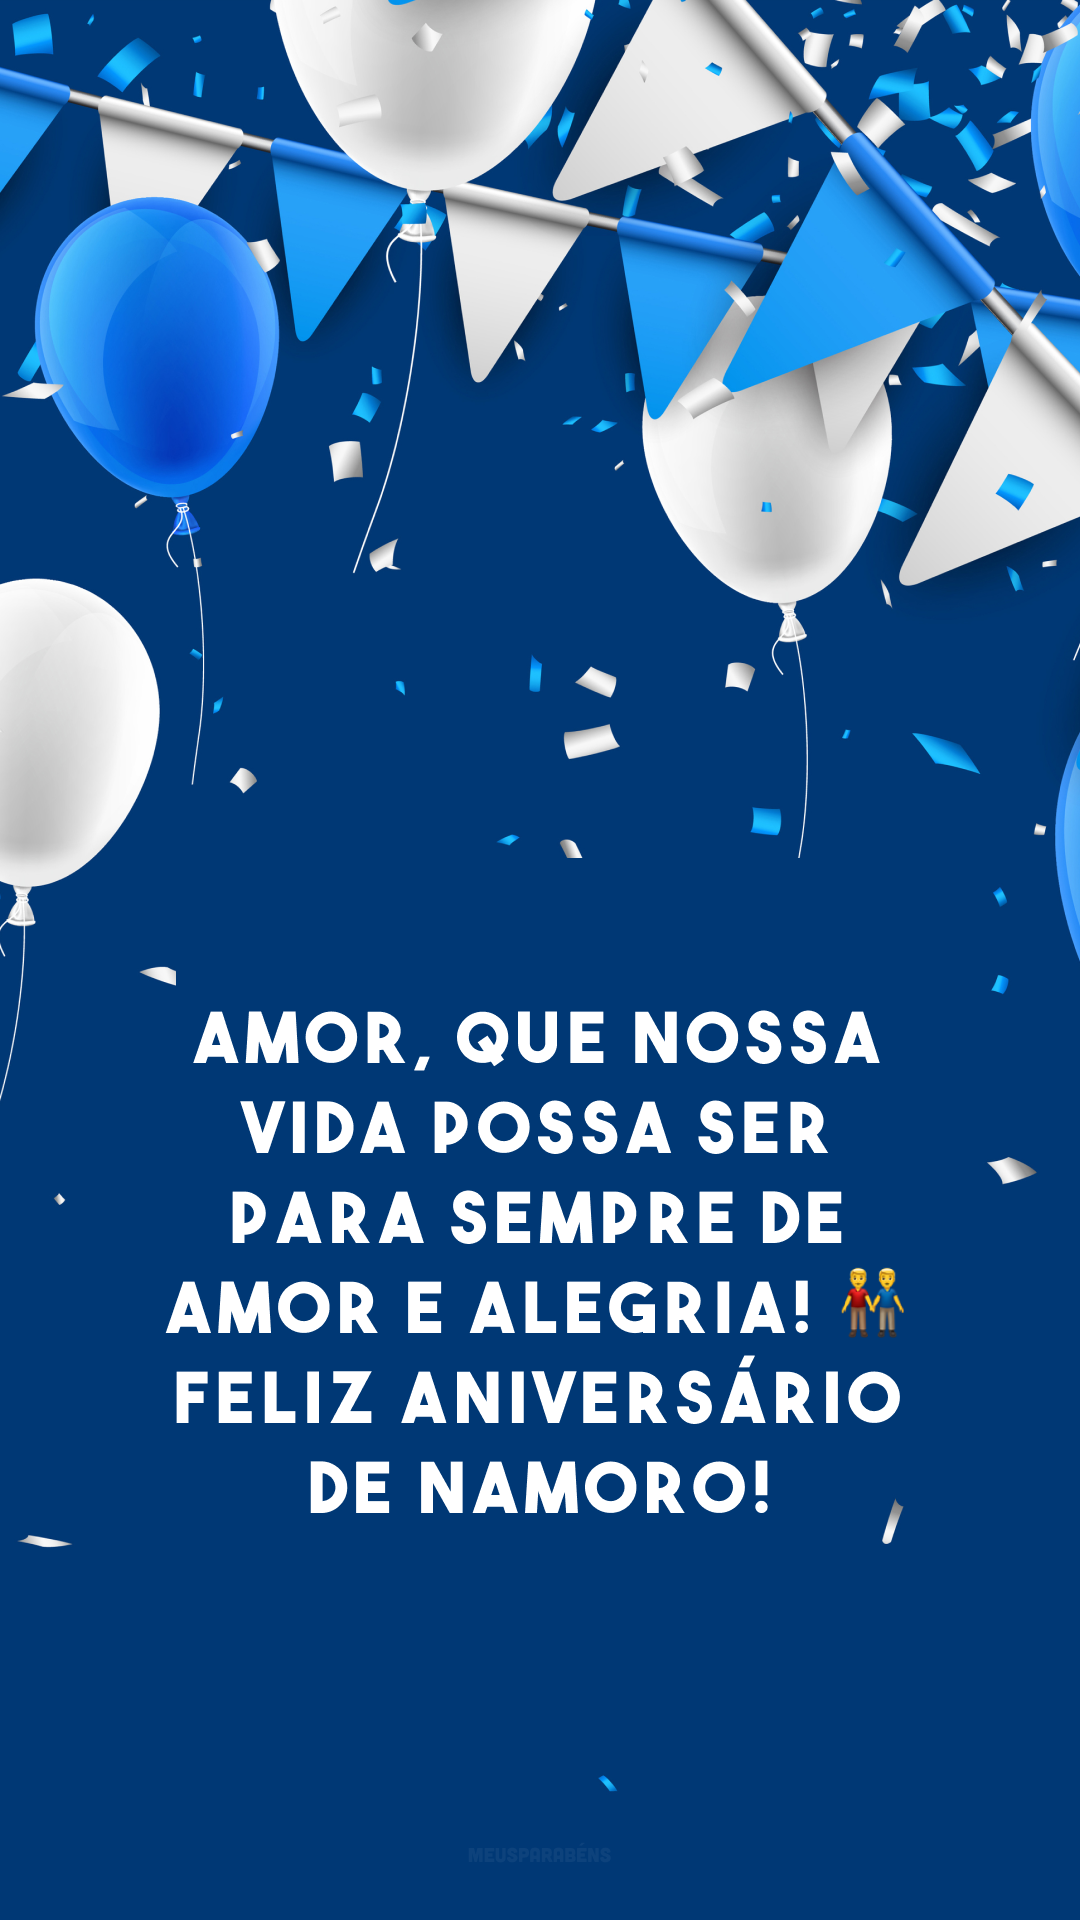 Amor, que nossa vida possa ser para sempre de amor e alegria! 👬 Feliz aniversário de namoro!